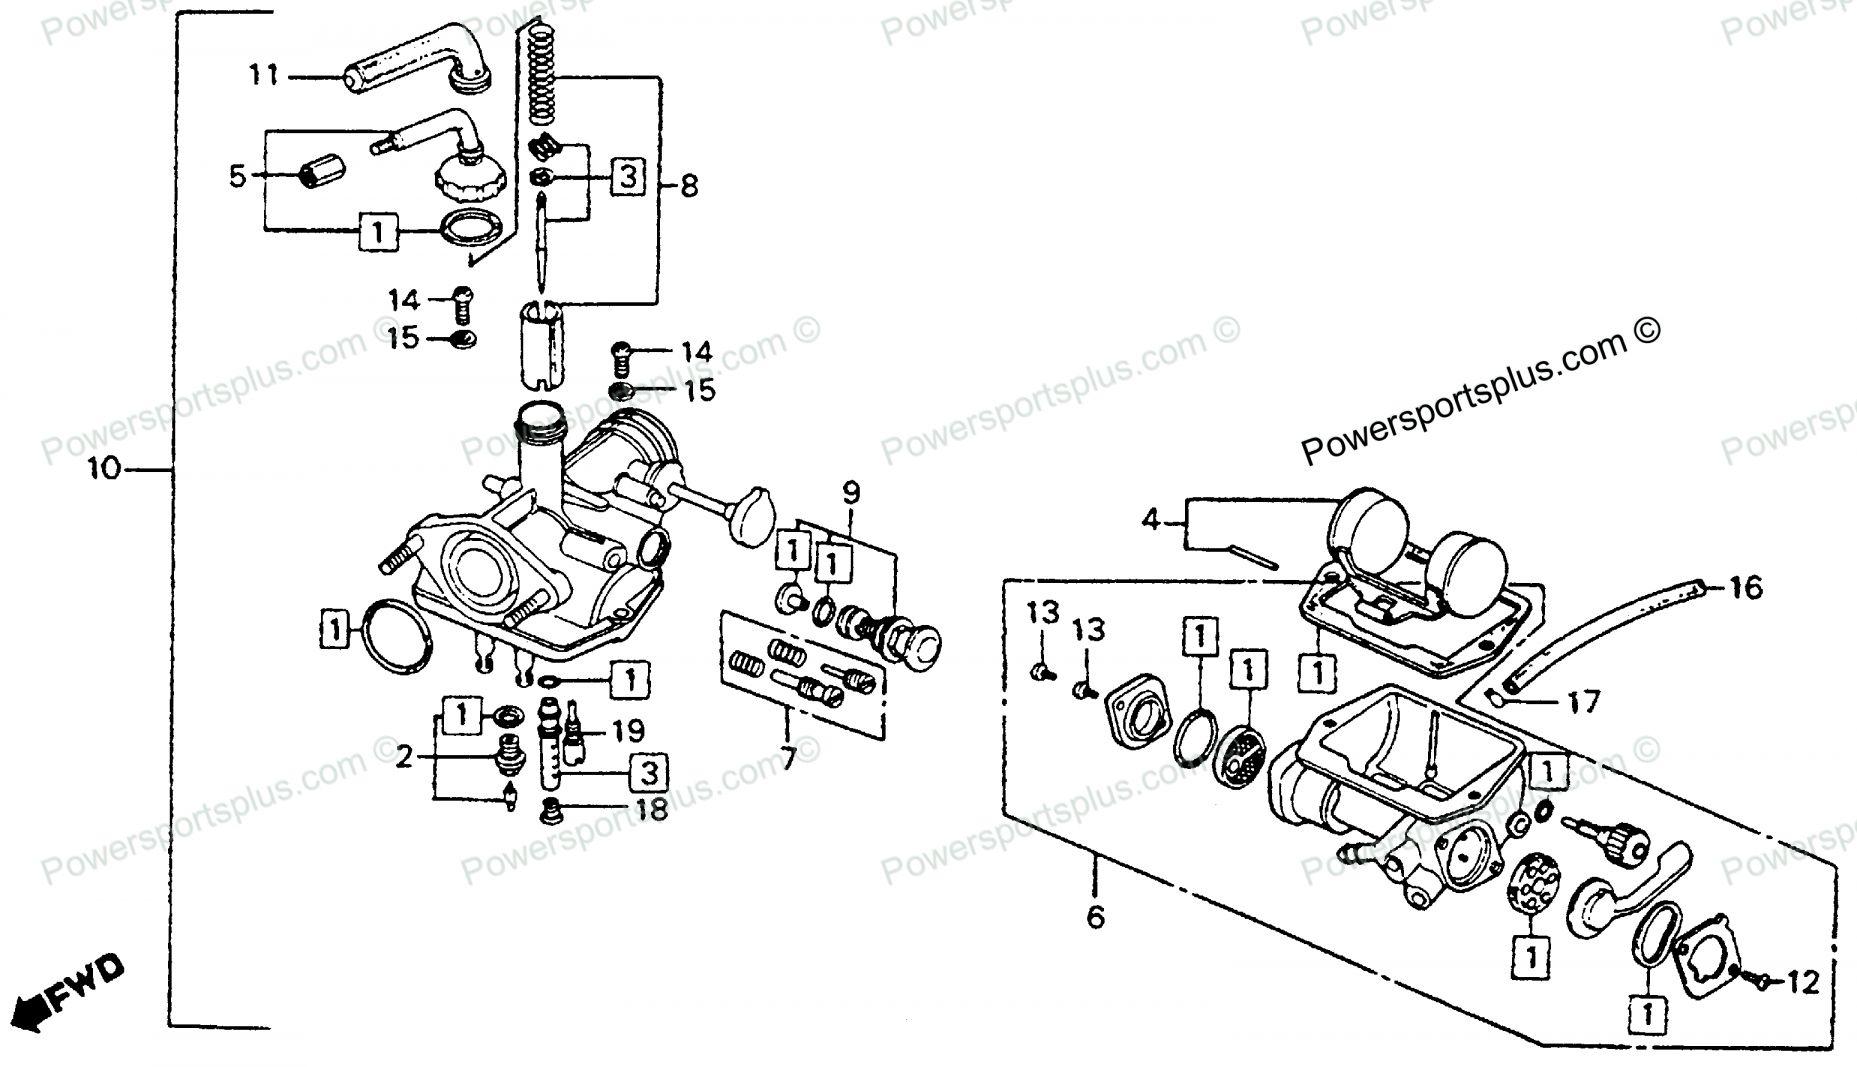 12+ Honda Motorcycle Carb Diagramhonda motorcycle